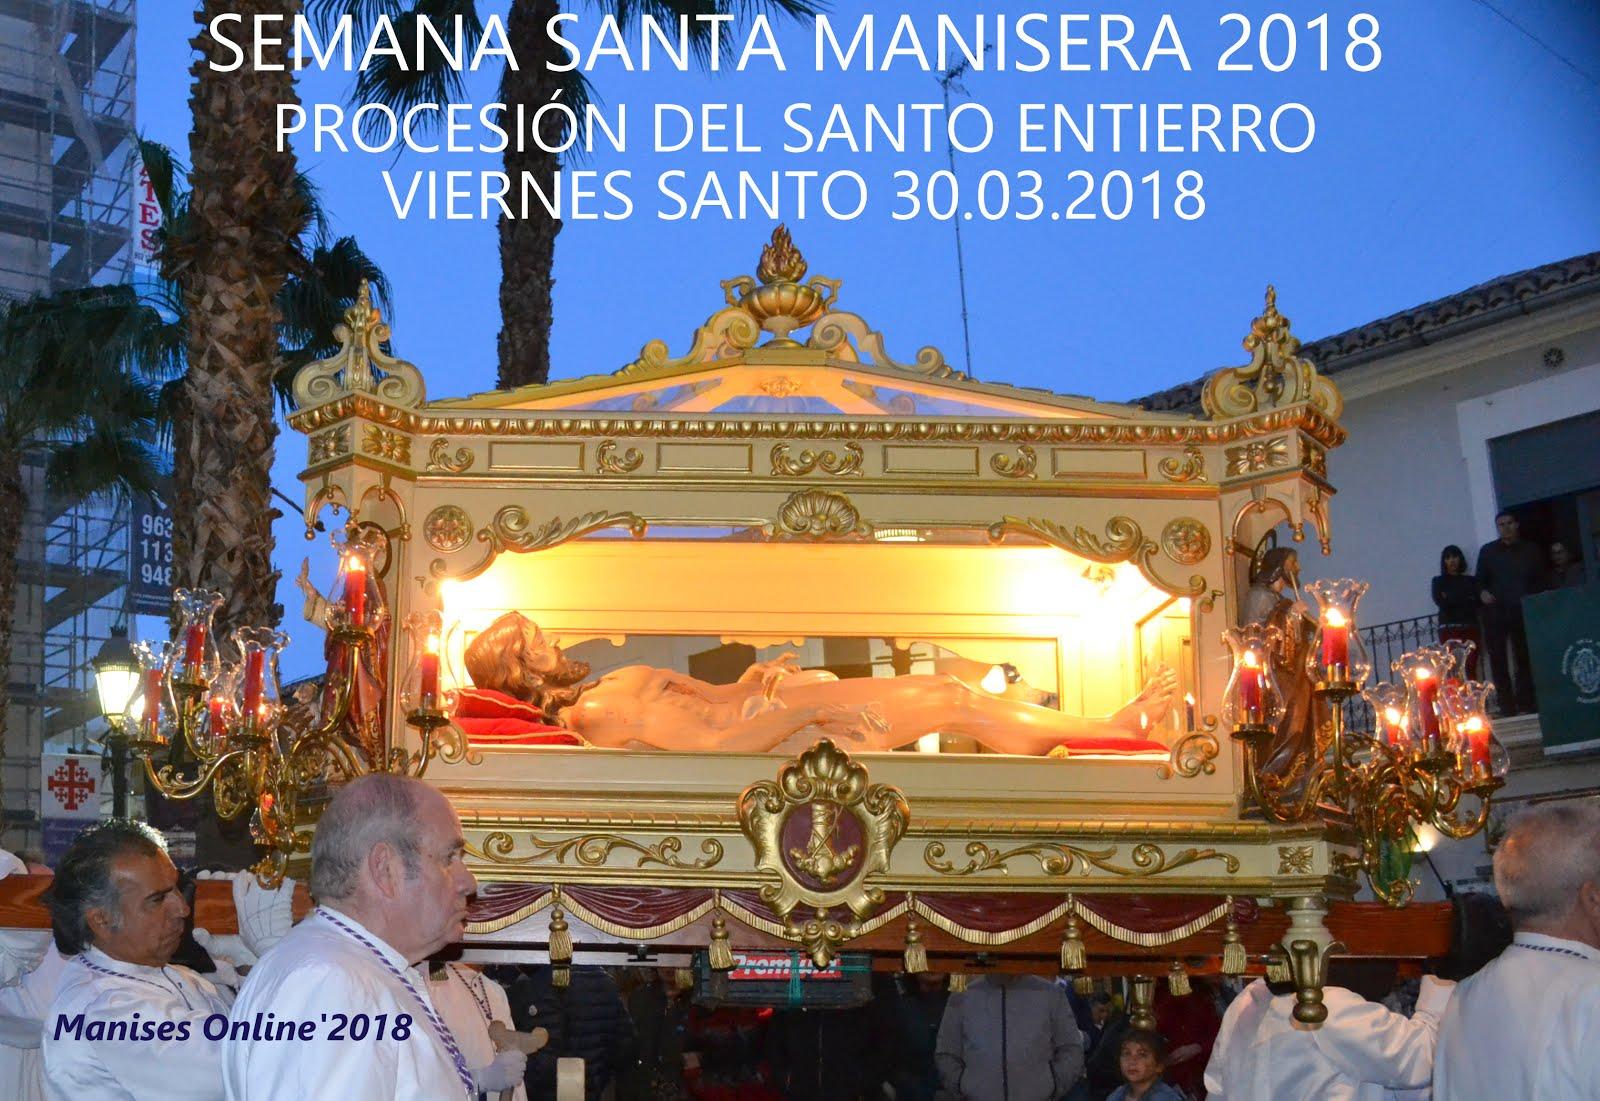 30.03.18 SEMANA SANTA MANISERA 2018: PROCESIÓN DEL SANTO ENTIERRO